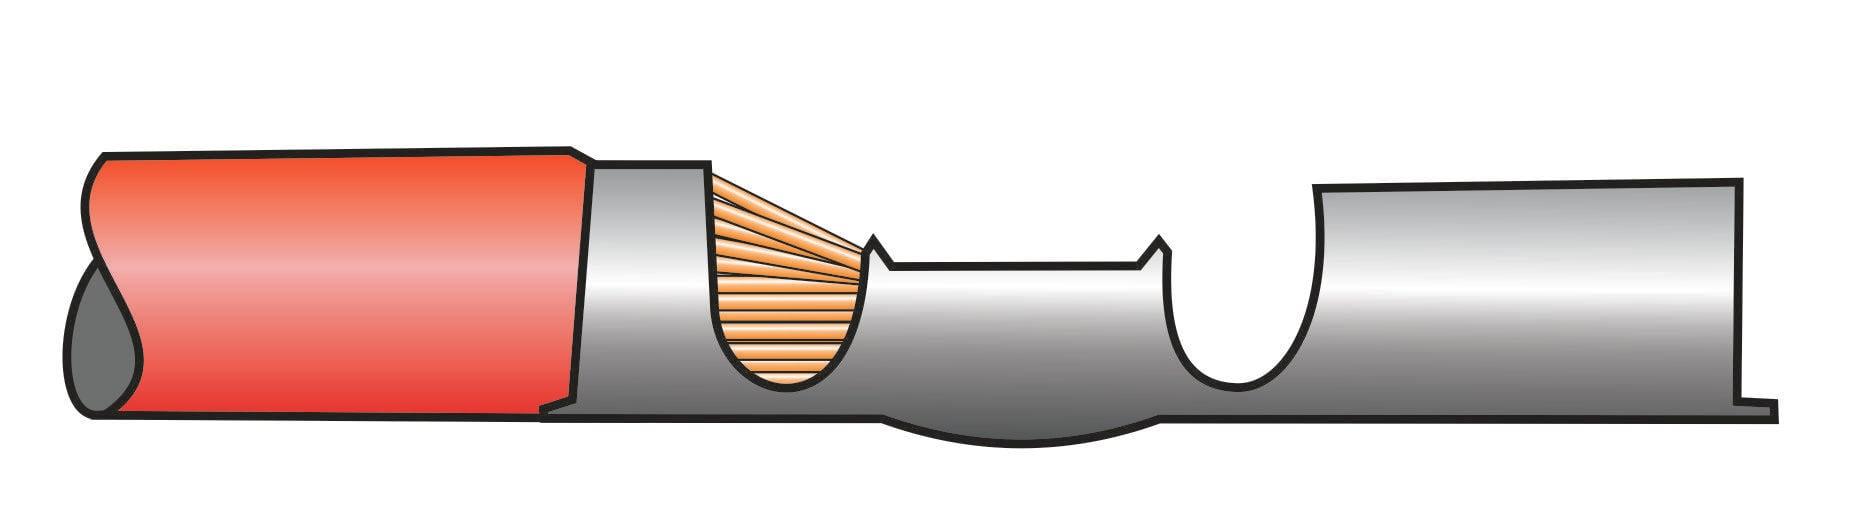 Crimpverbindung mit nicht tief genug eingeschobenem Kabel